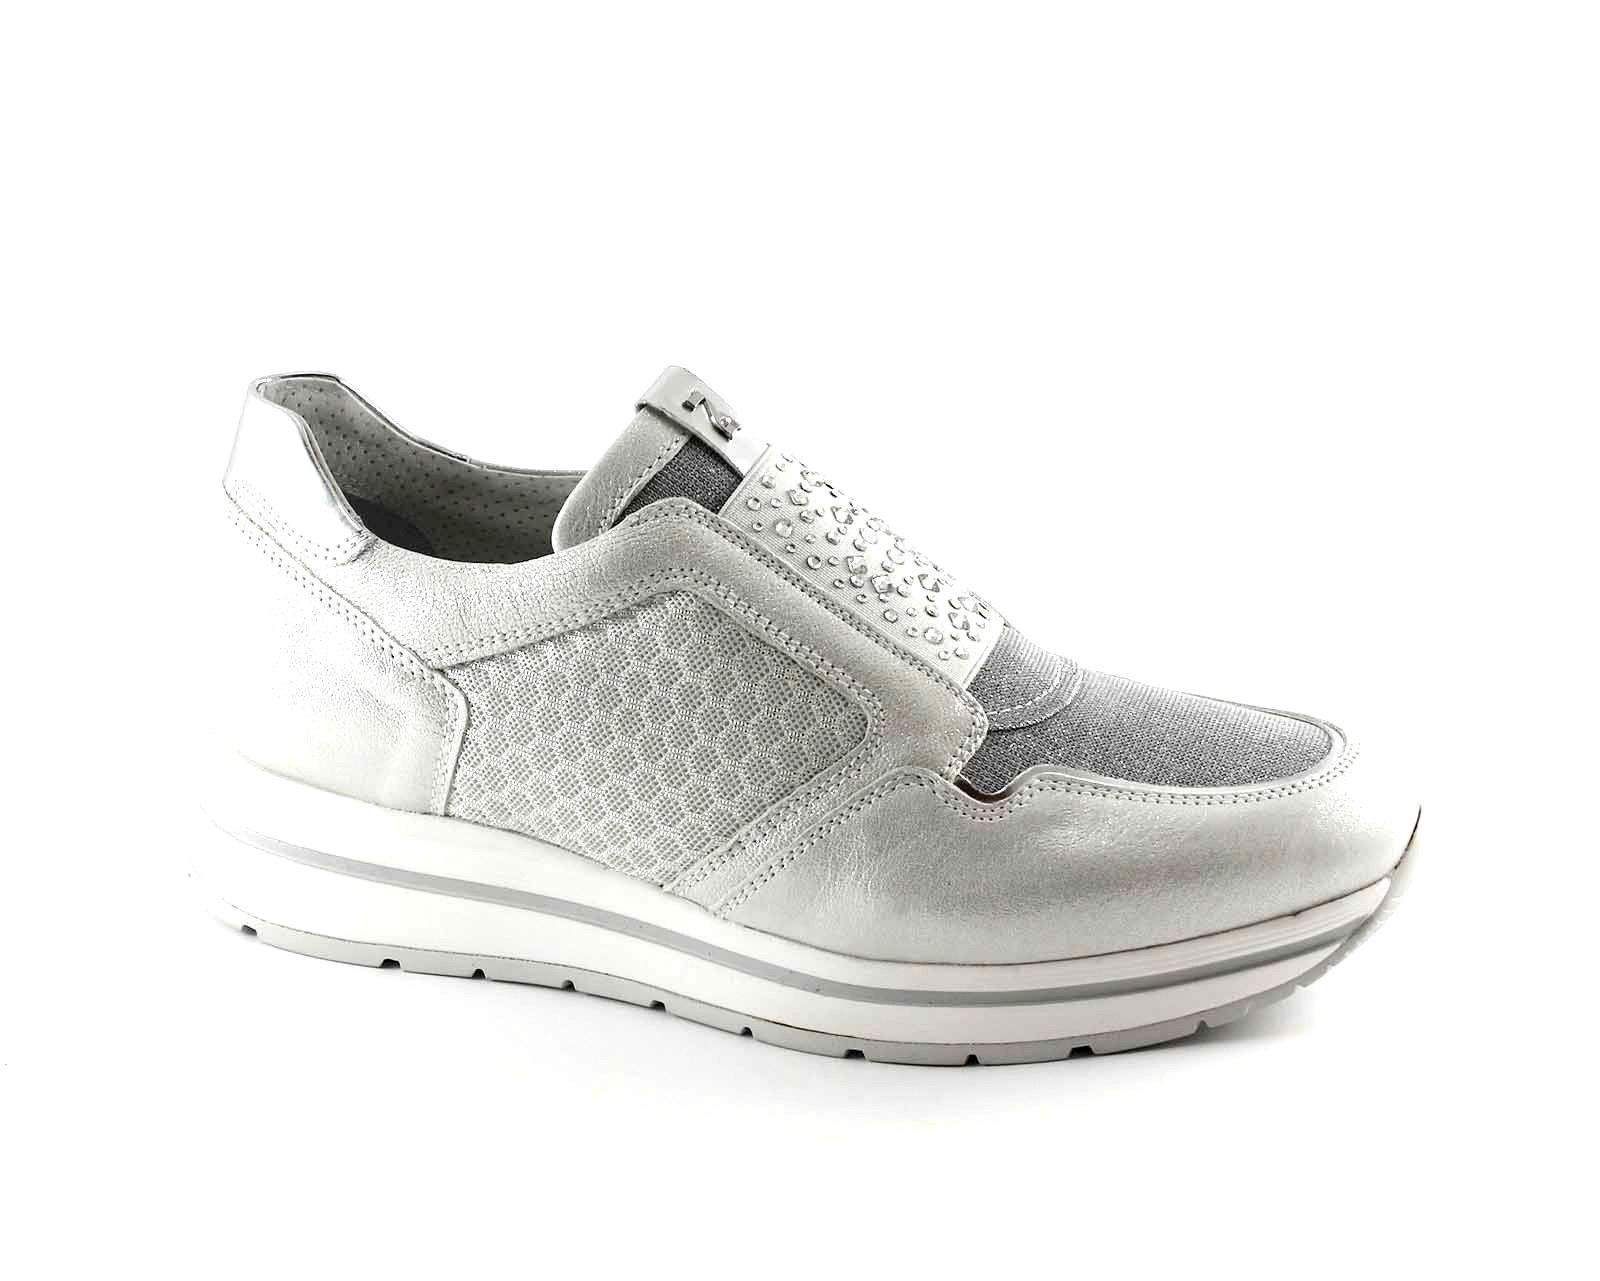 NERO GIARDINI 17231 argento scarpe donna sportive scarpe da ginnastica slip on elastico